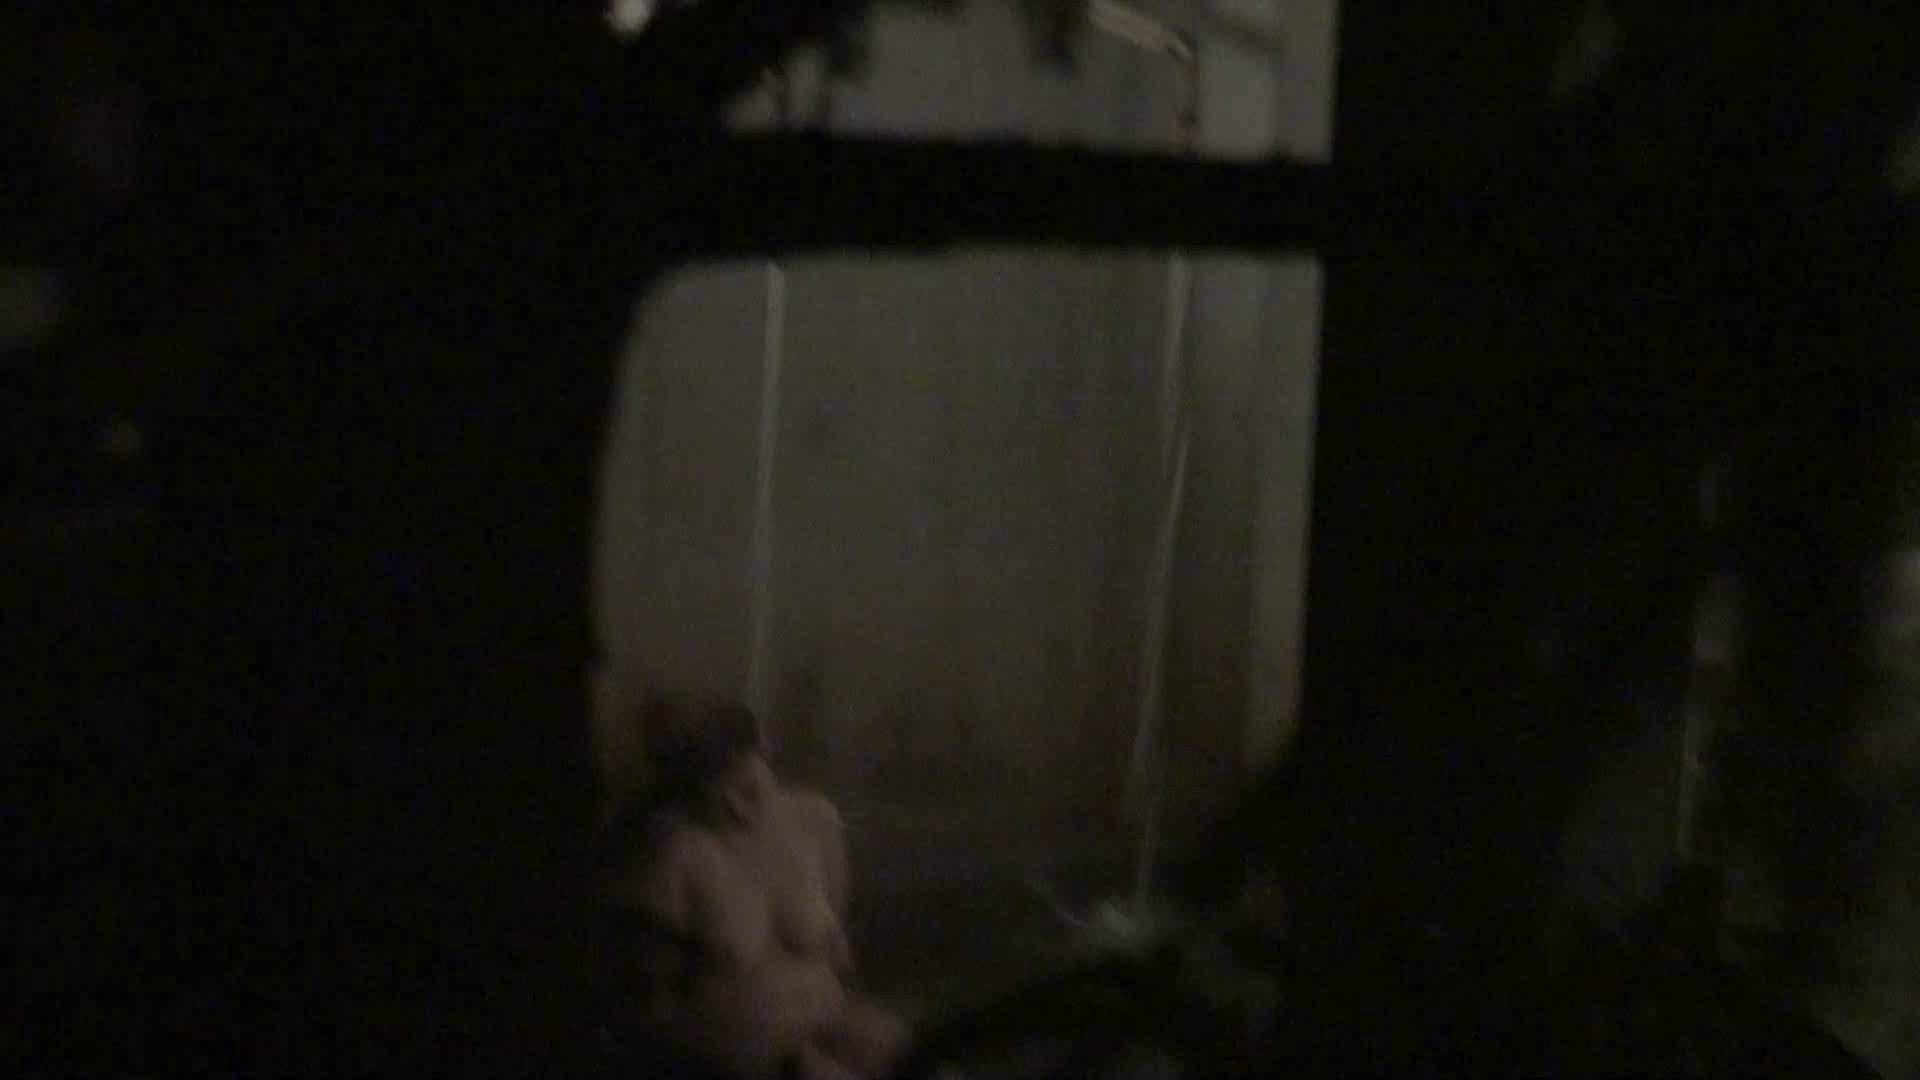 Aquaな露天風呂Vol.377 美しいOLの裸体 盗み撮り動画キャプチャ 105pic 71